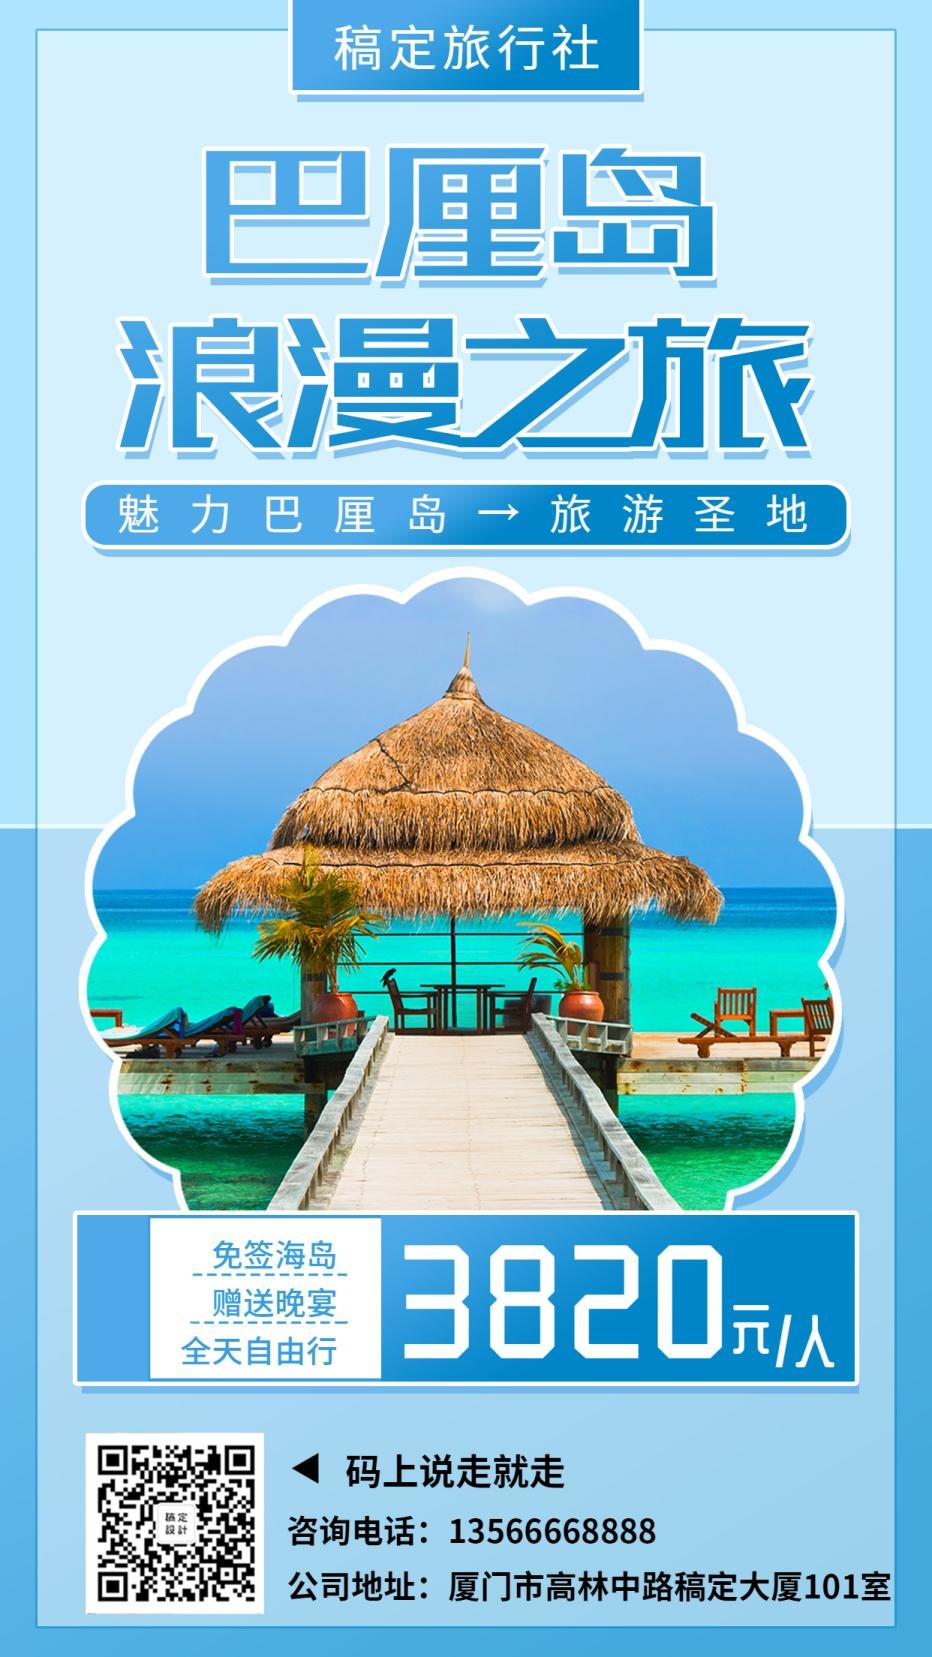 国外游/旅游行程/毕业季促销/手机海报